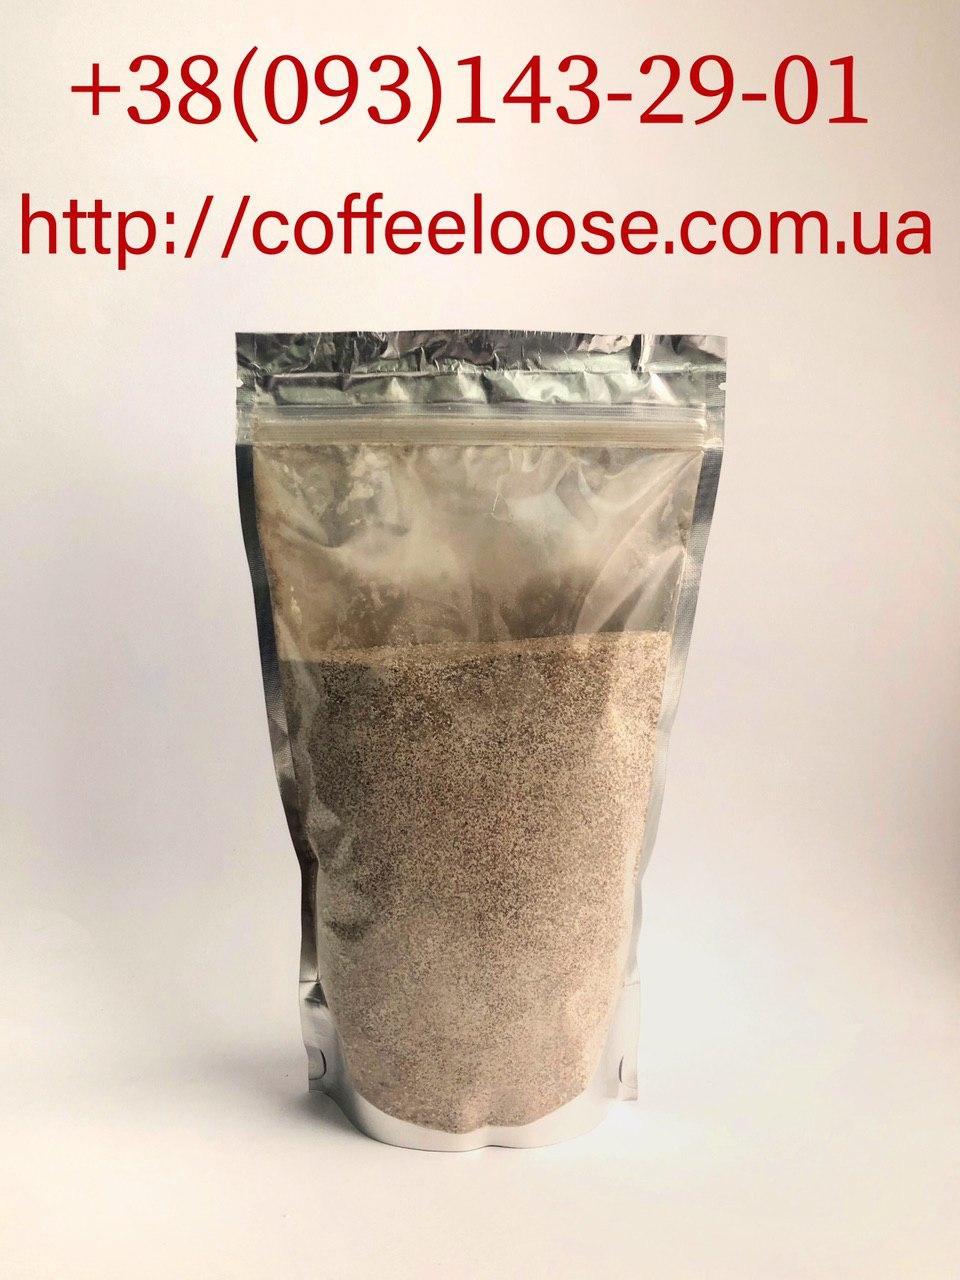 Кофе 3в1 растворимый 500 грамм на развес (Кофе, сахар, сливки) Кофе весовой 3в1 500 грамм.